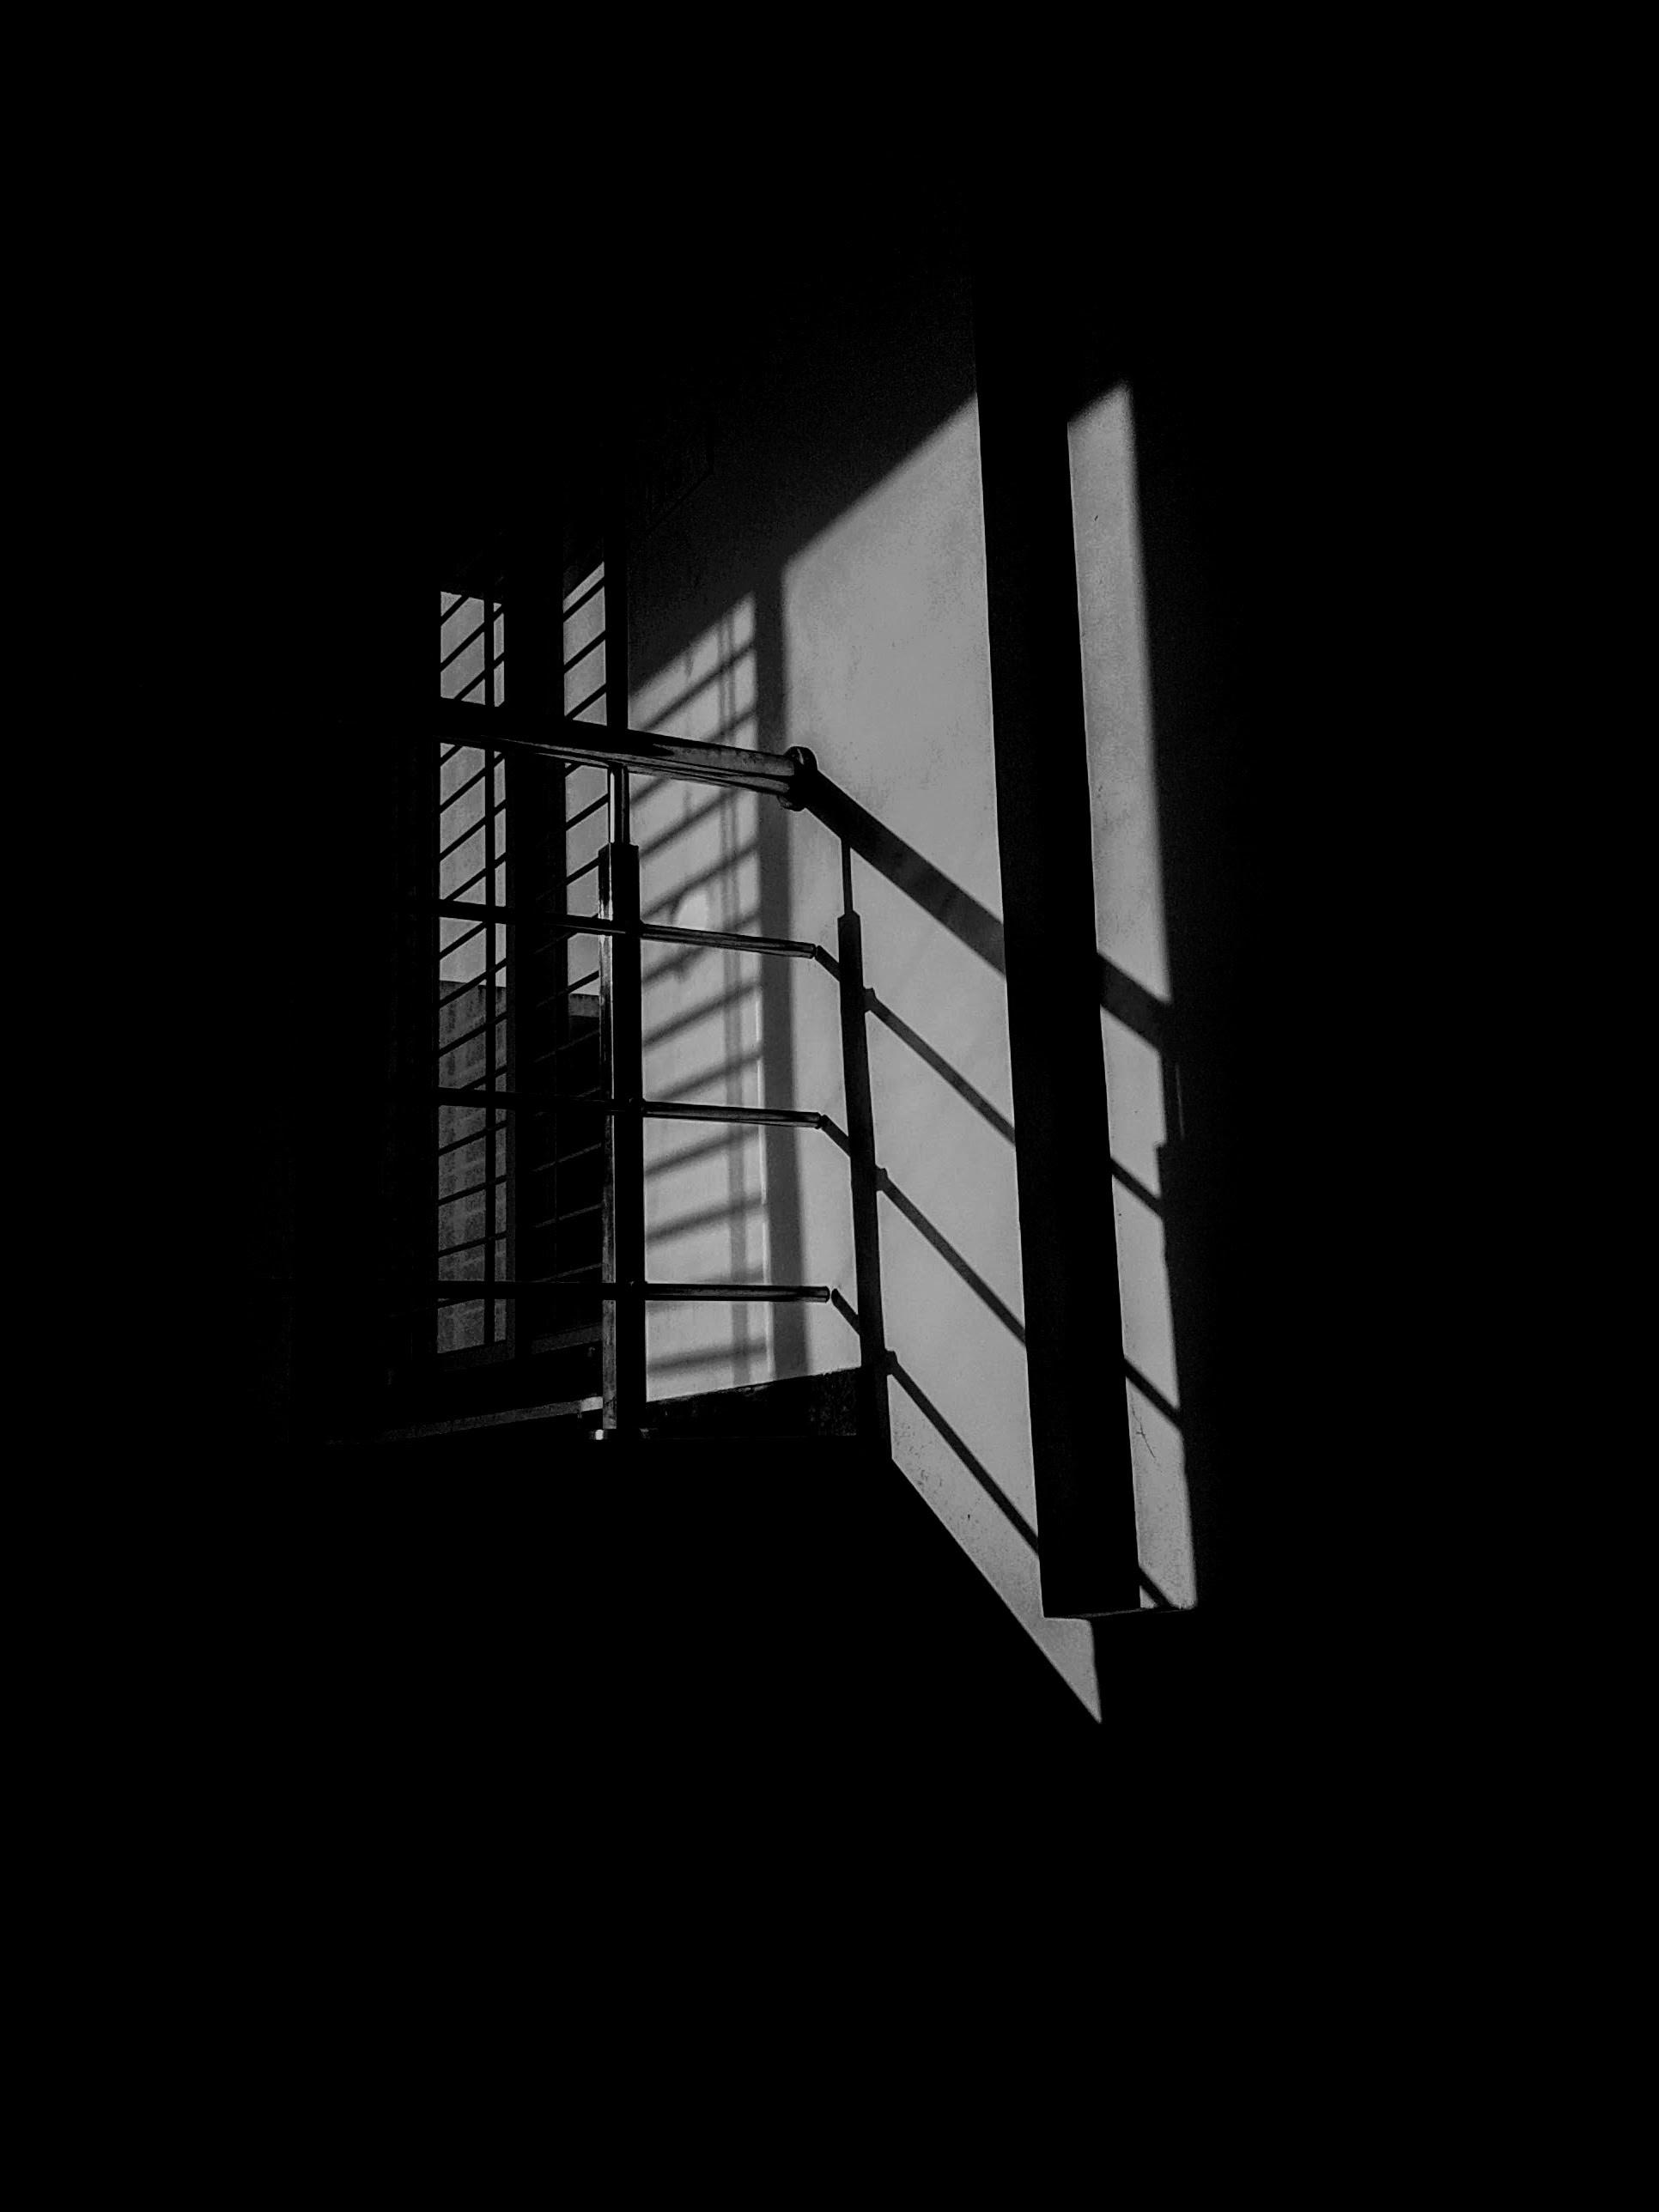 grey metal stair